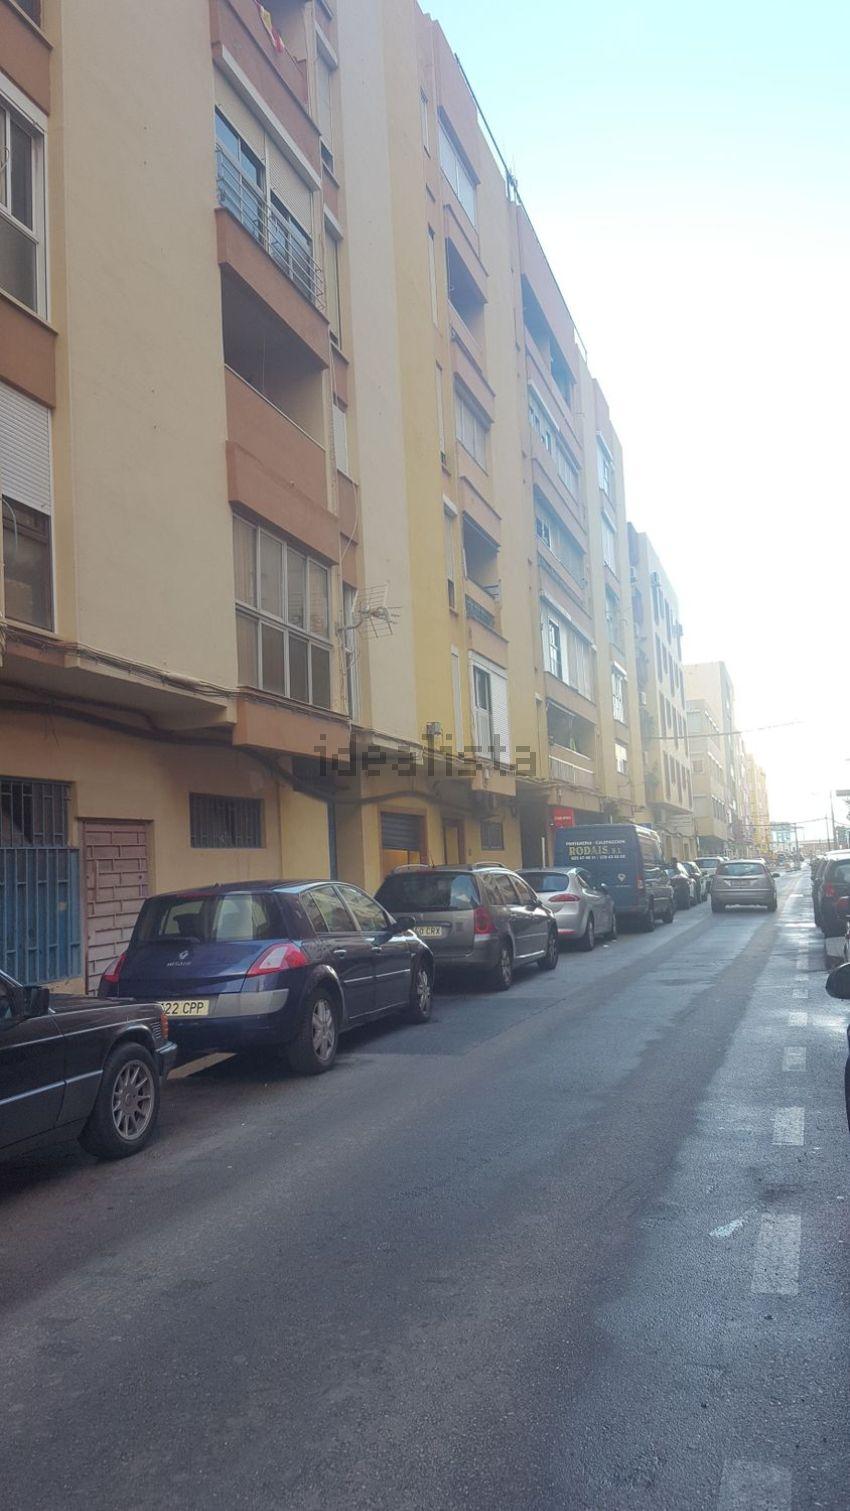 Piso en JACINTO BENAVENTE, La Reconquista - El Ensanche, Algeciras